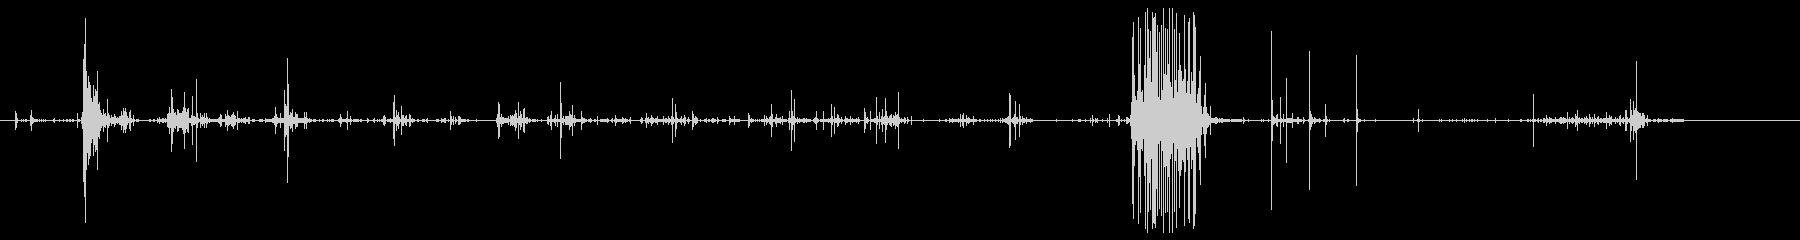 木の小片:スプリンターブレイクの未再生の波形